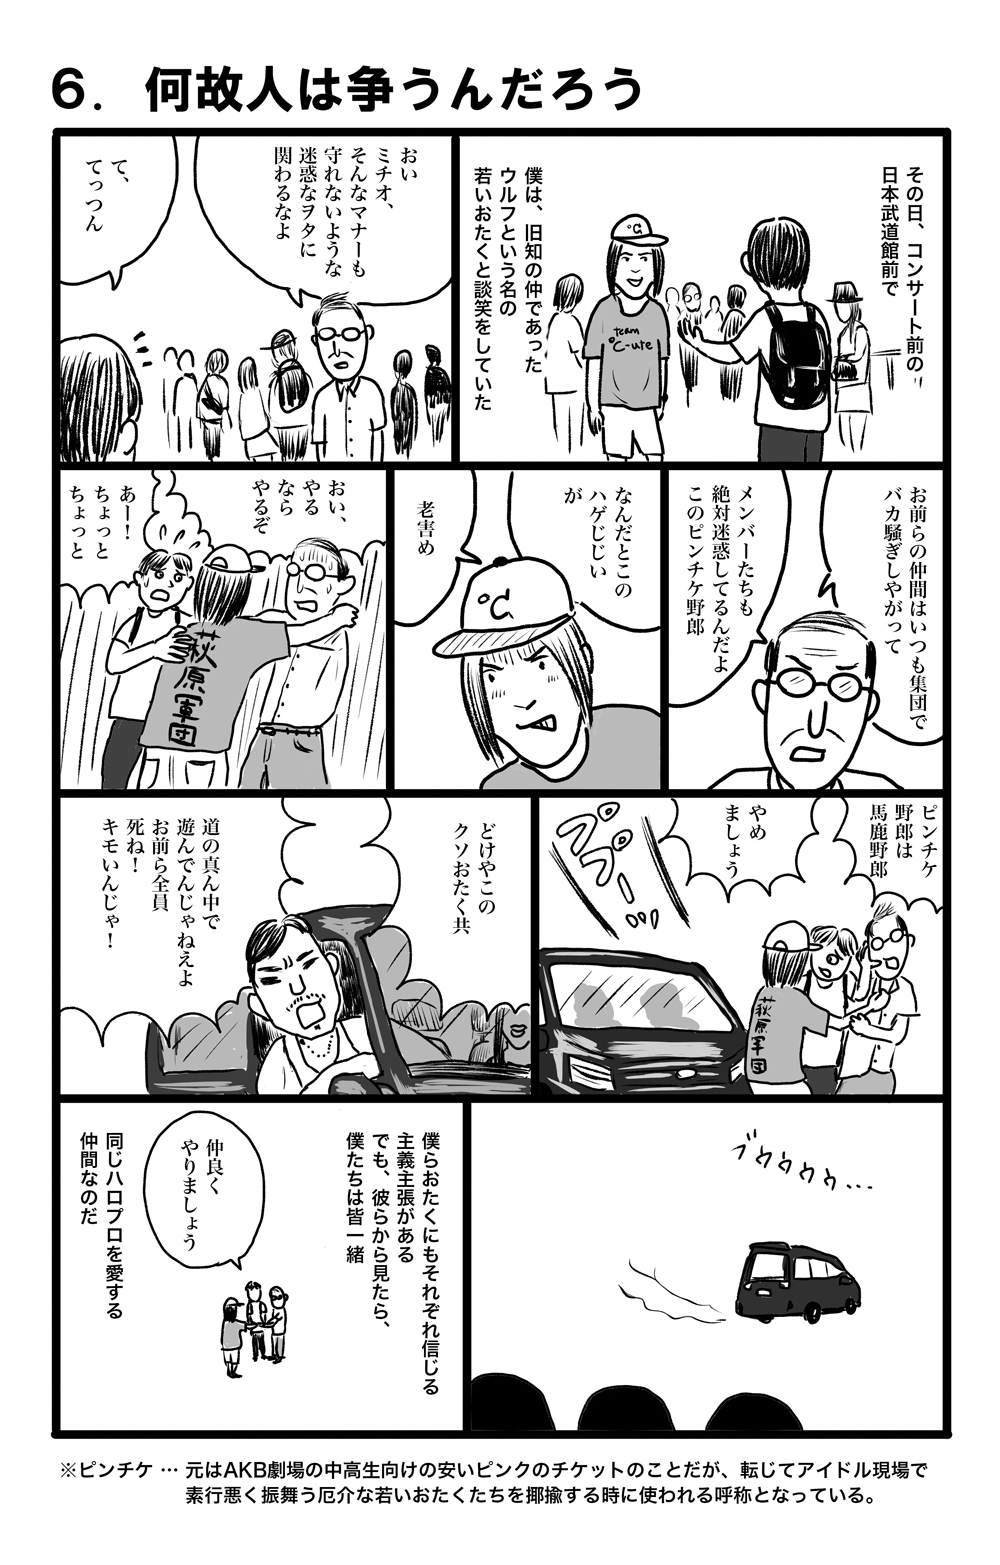 tsurugi-mikito-006